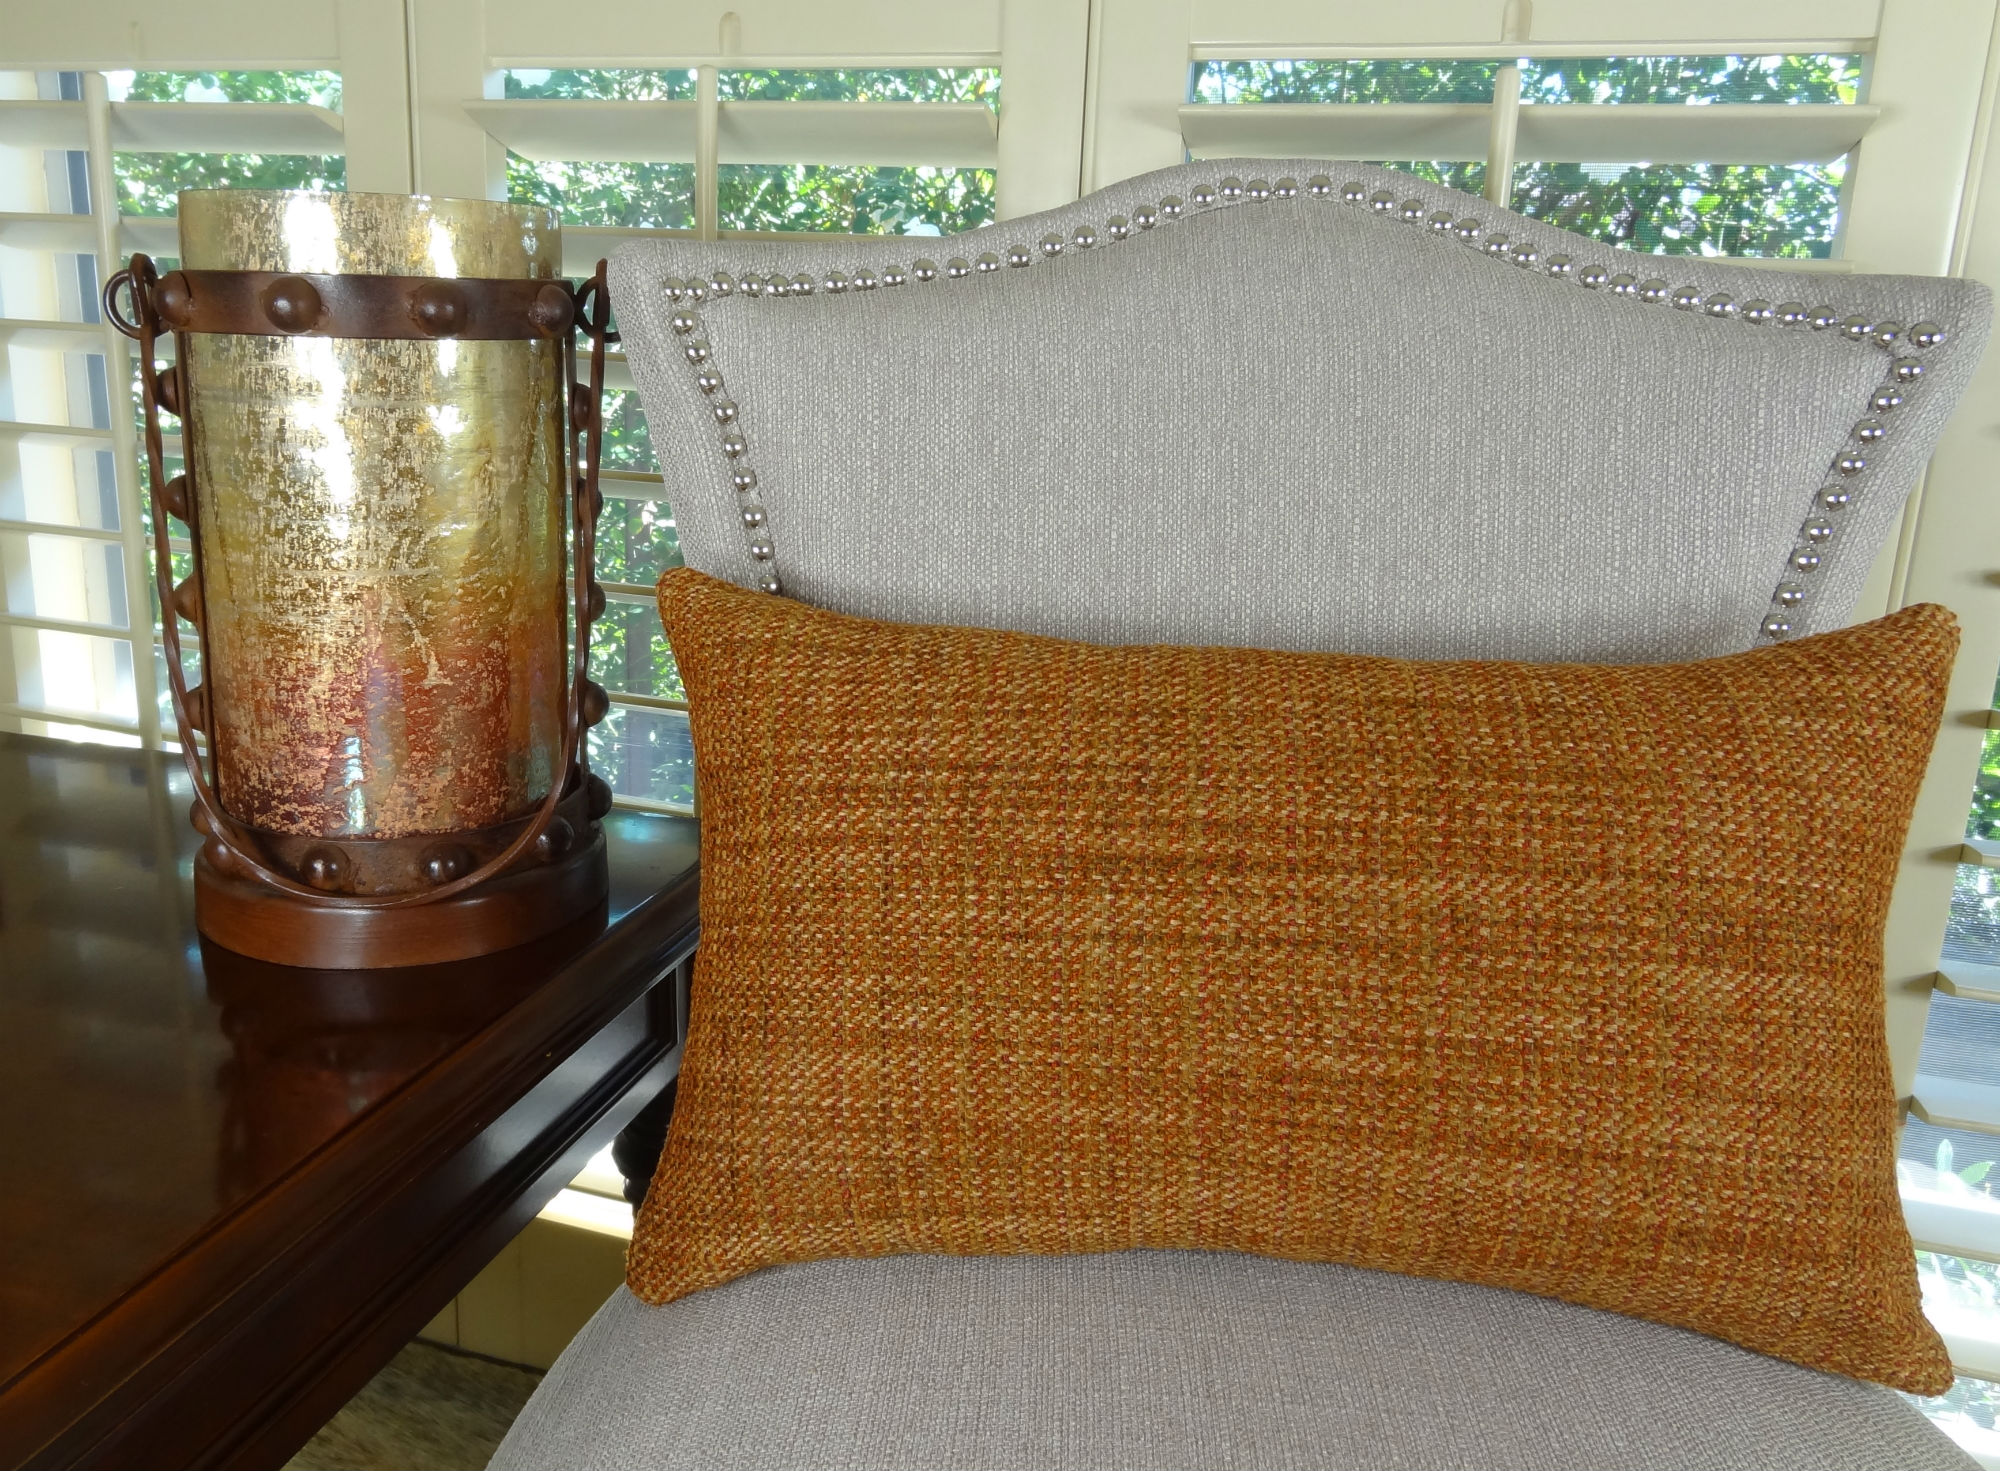 luxury sofa throw pillows rattan corner set cover 18 quot x designer decorative pillow orange